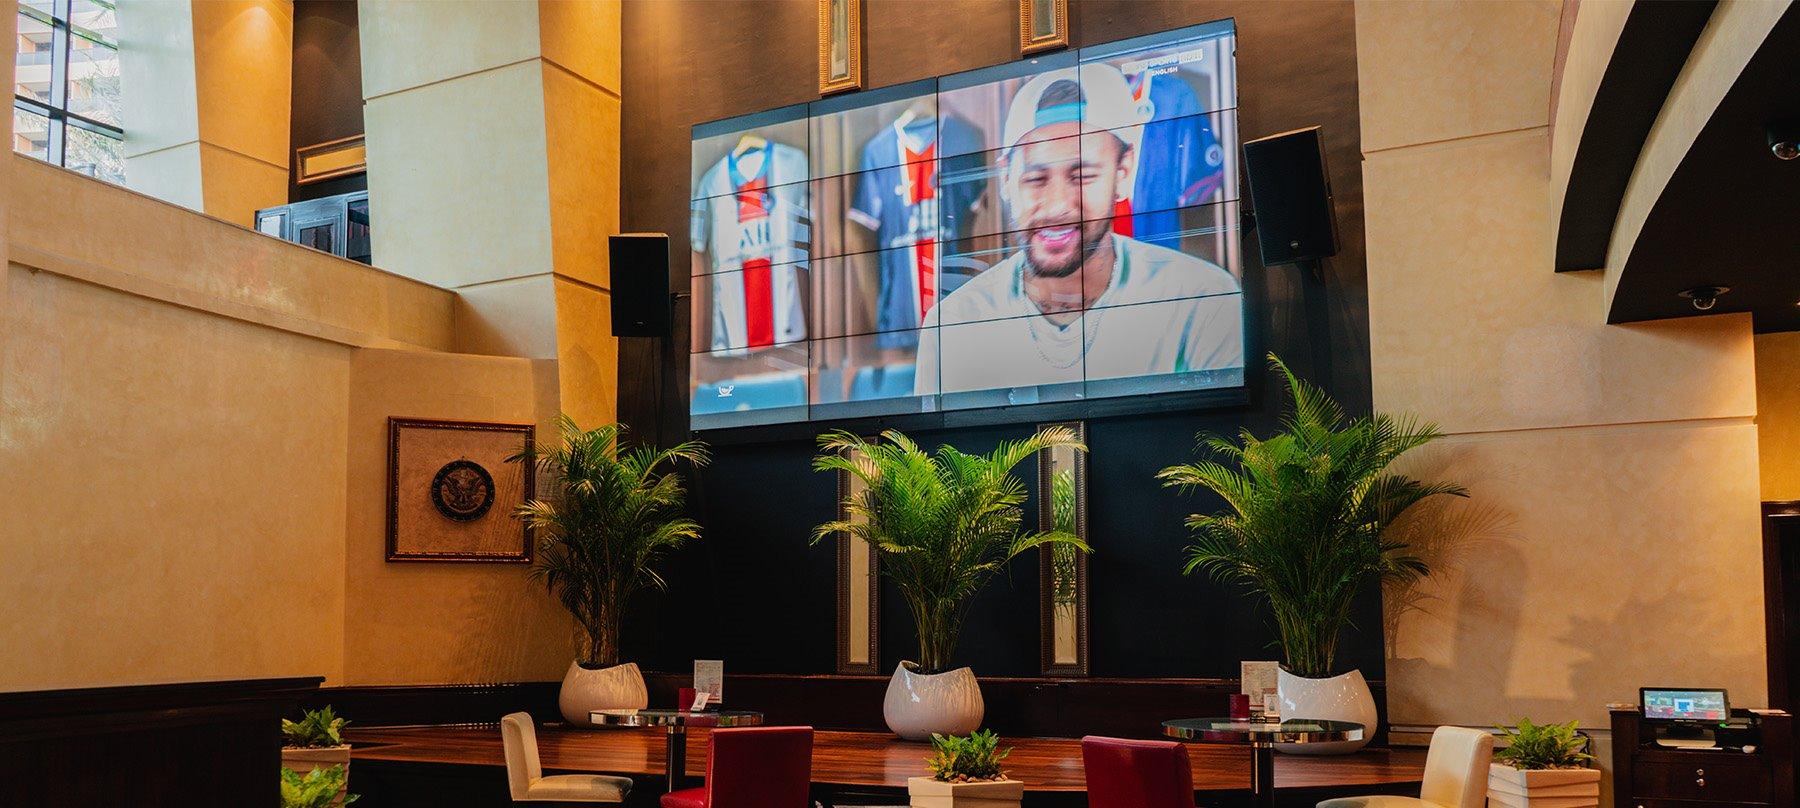 Big screen at Shades